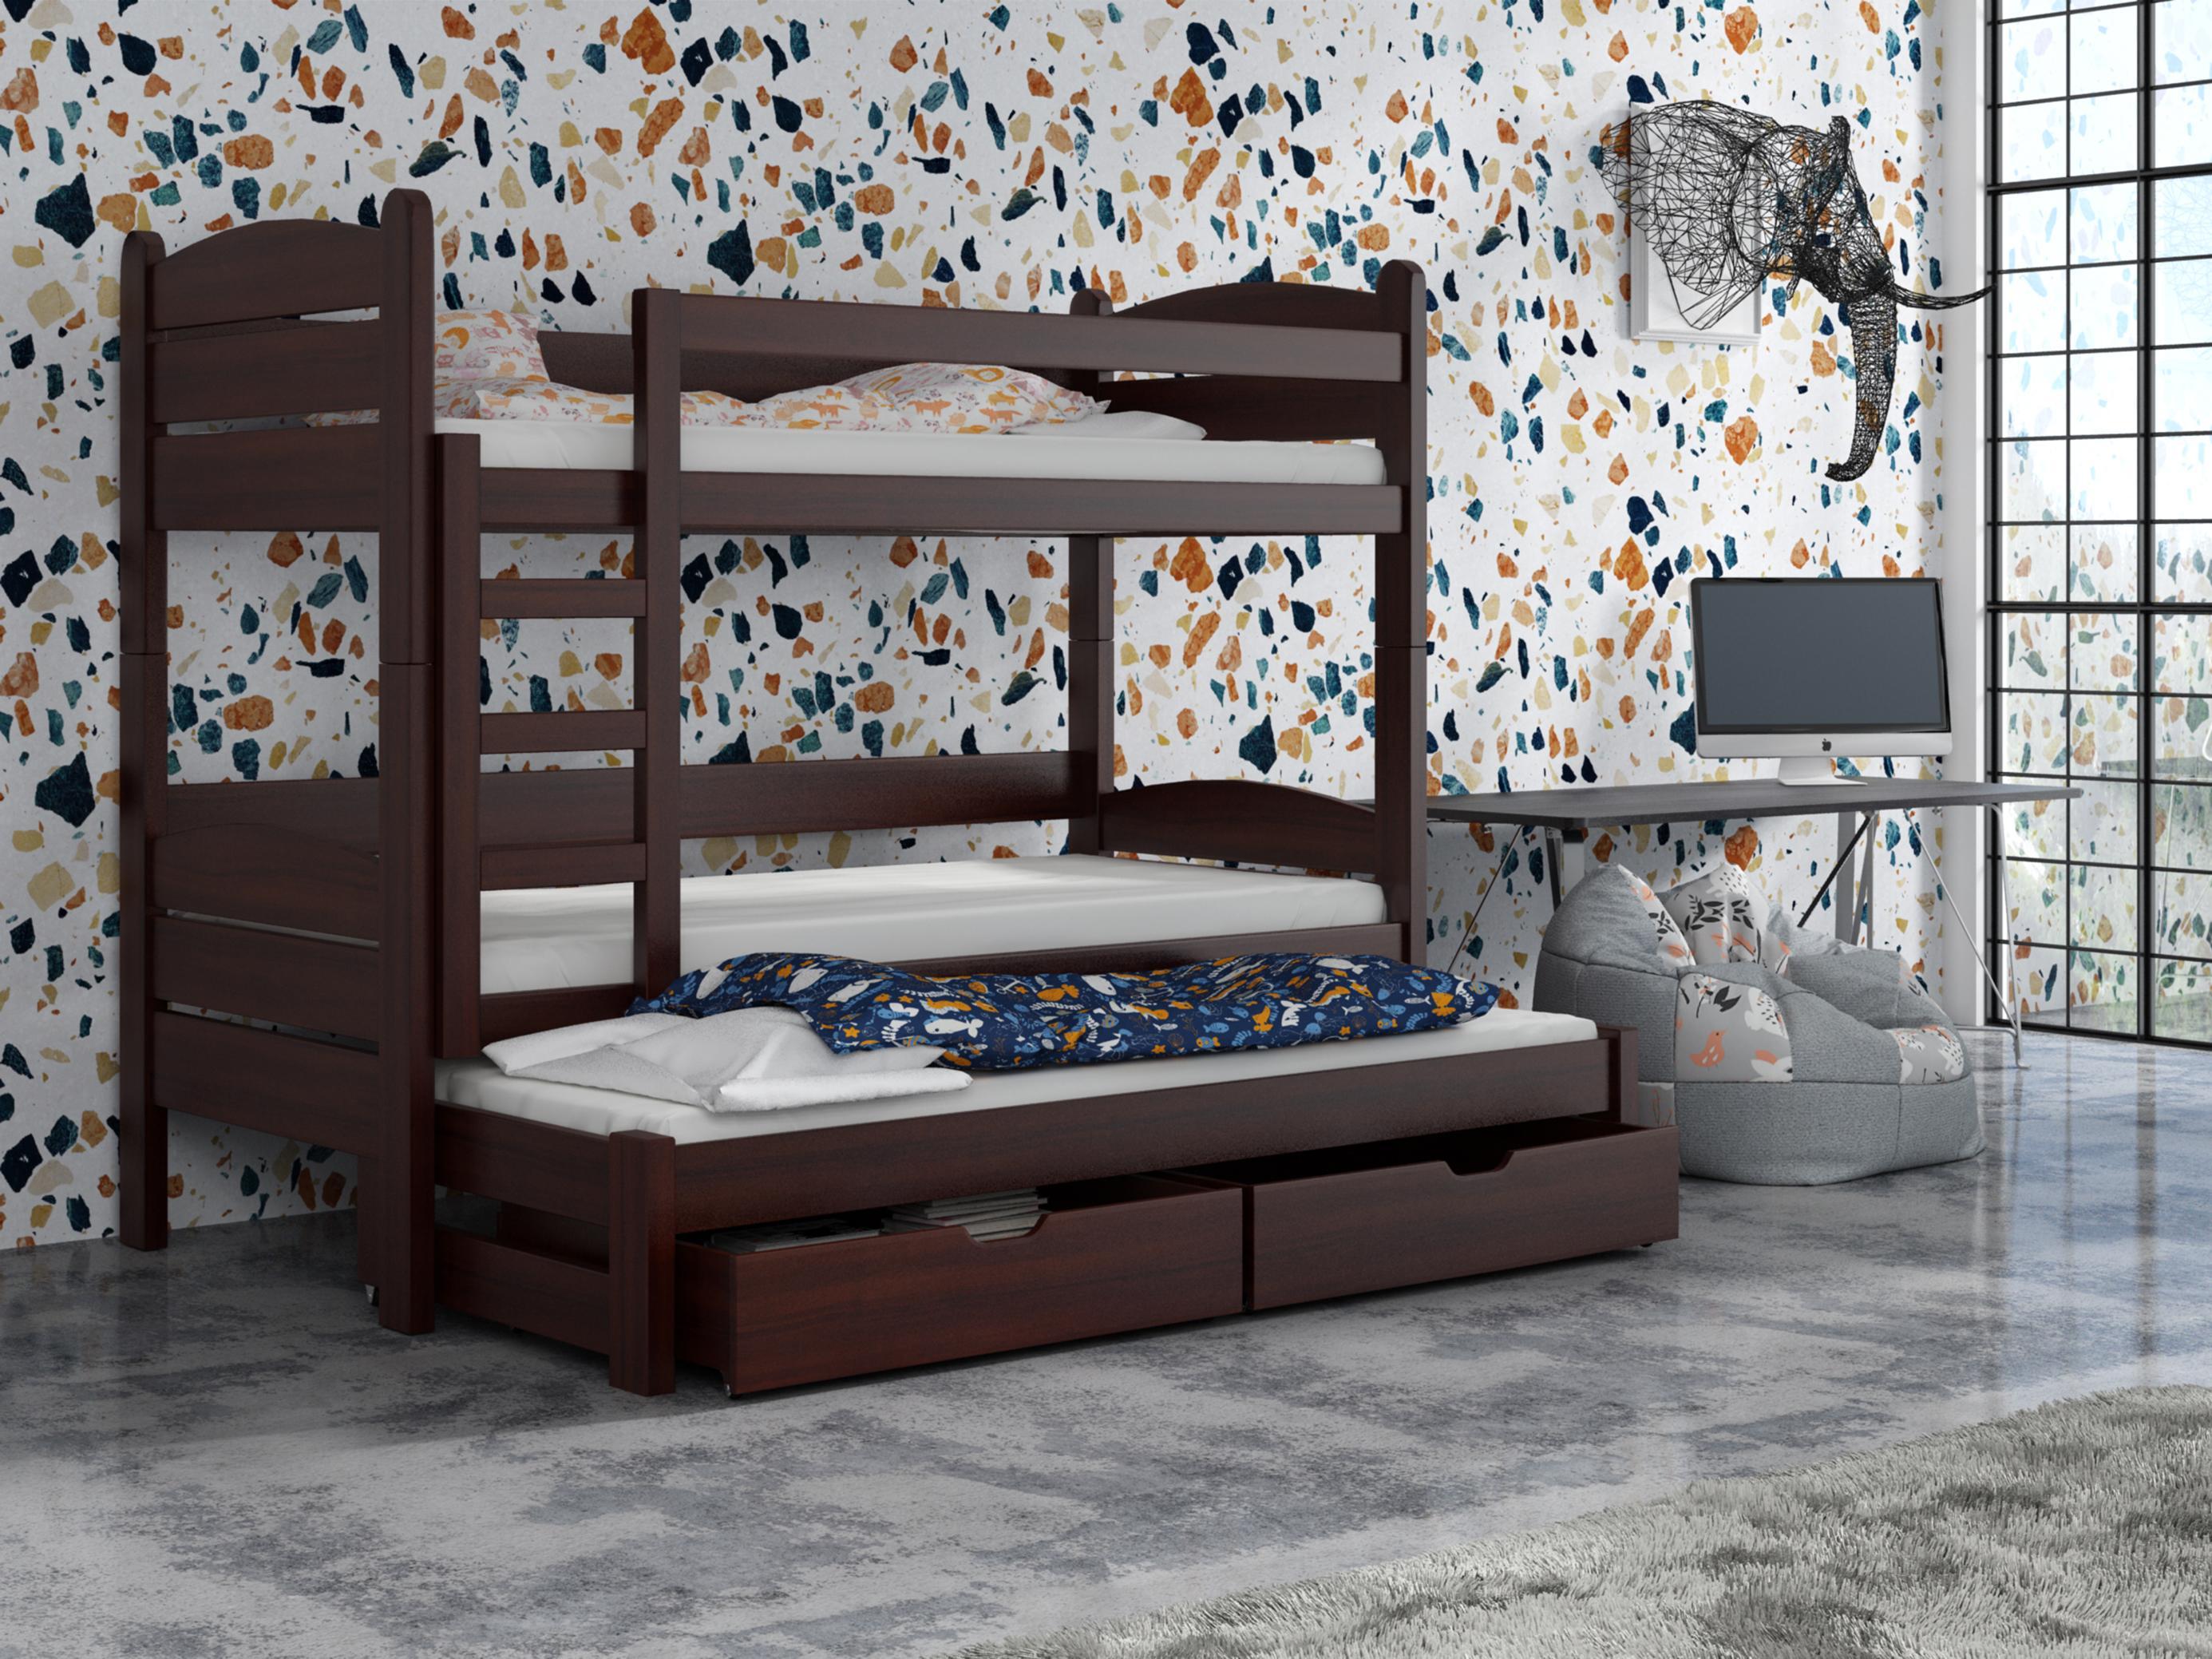 Detská poschodová posteľ 90 cm - Celsa (orech). Akcia -33%. Vlastná spoľahlivá doprava až k Vám domov.